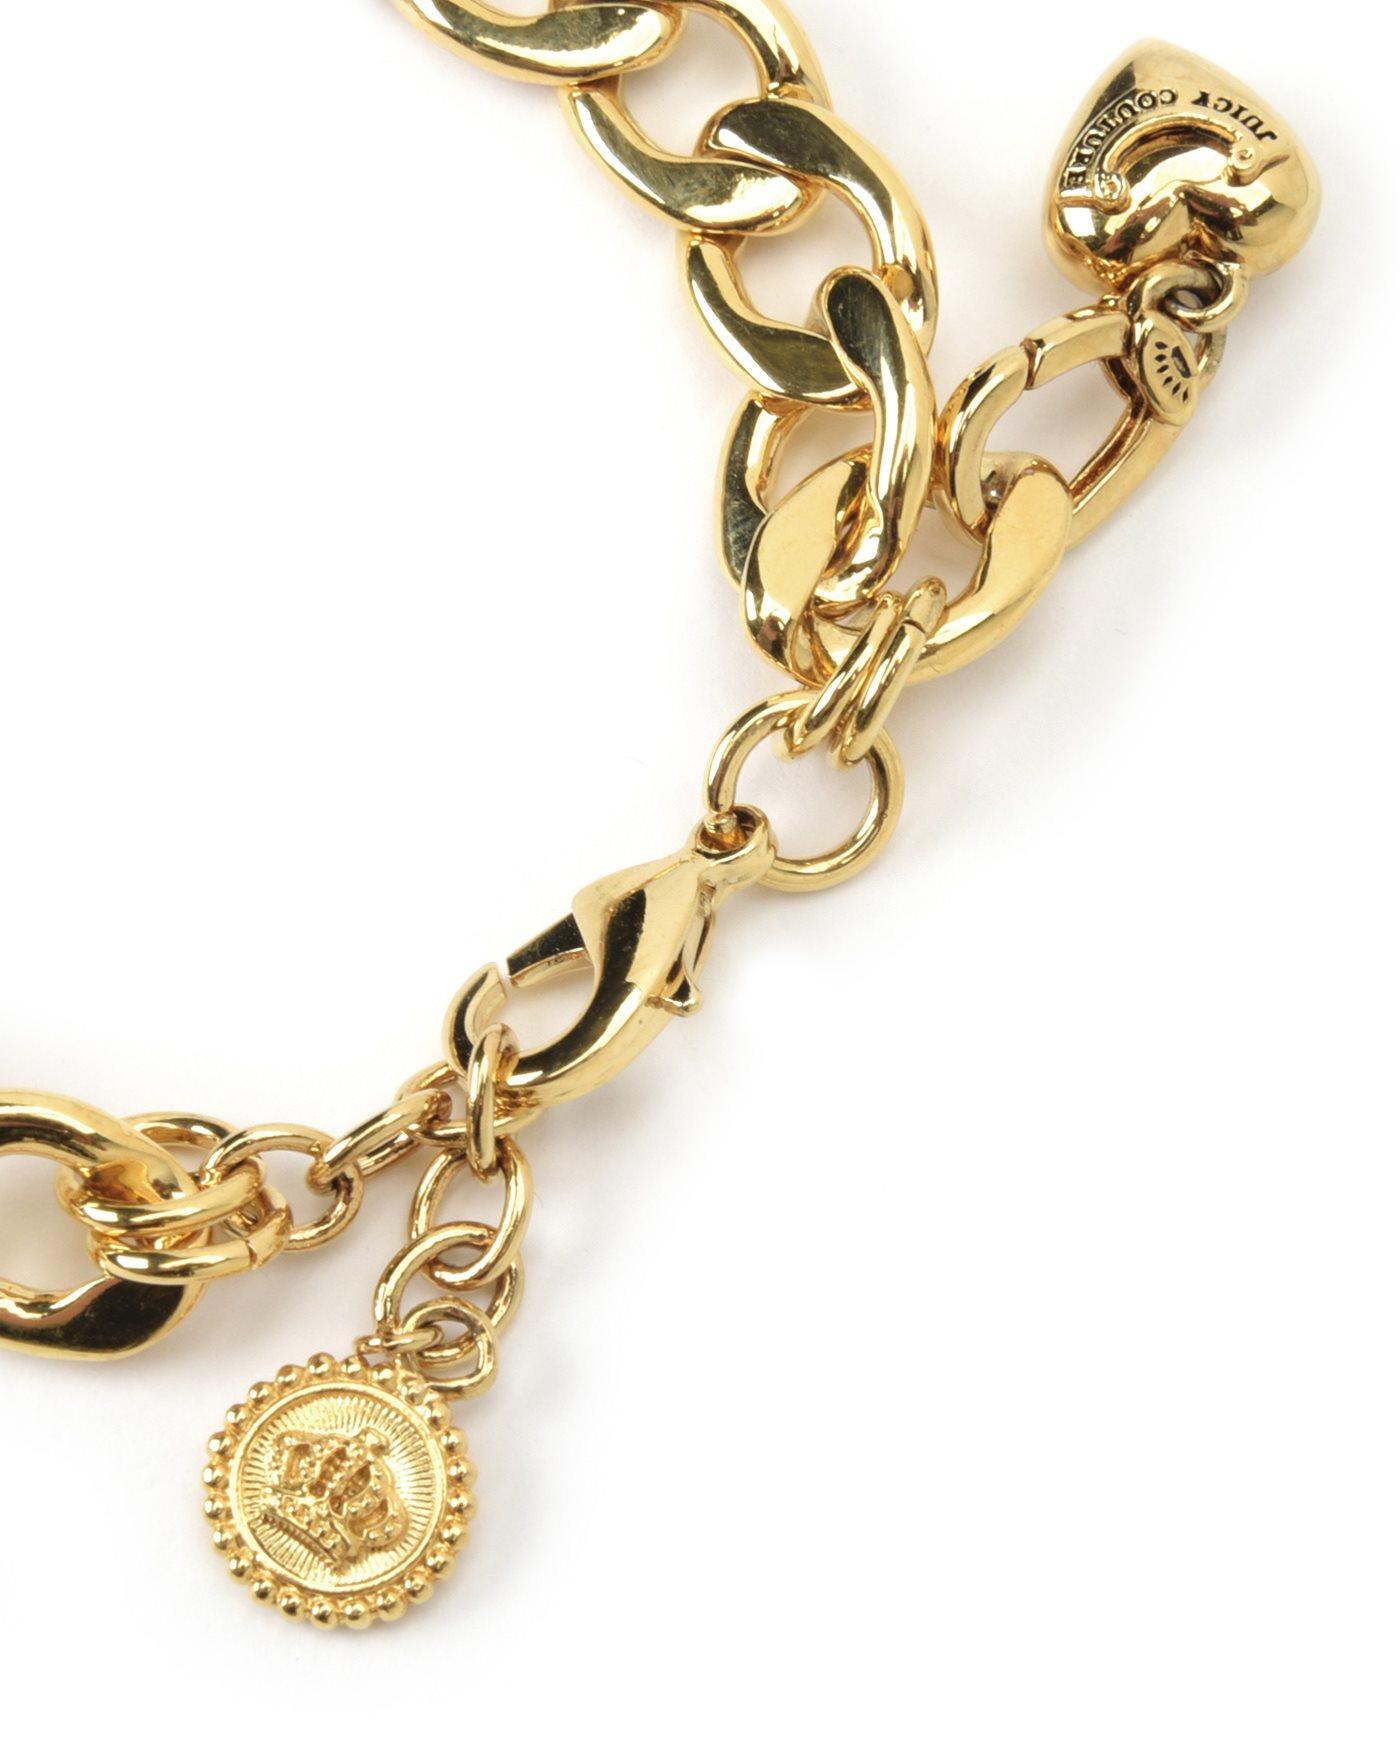 Charm Bracelets Polyvore Source · Gold Starter Charm Bracelet Juicy Couture  Bangle And Bracelets